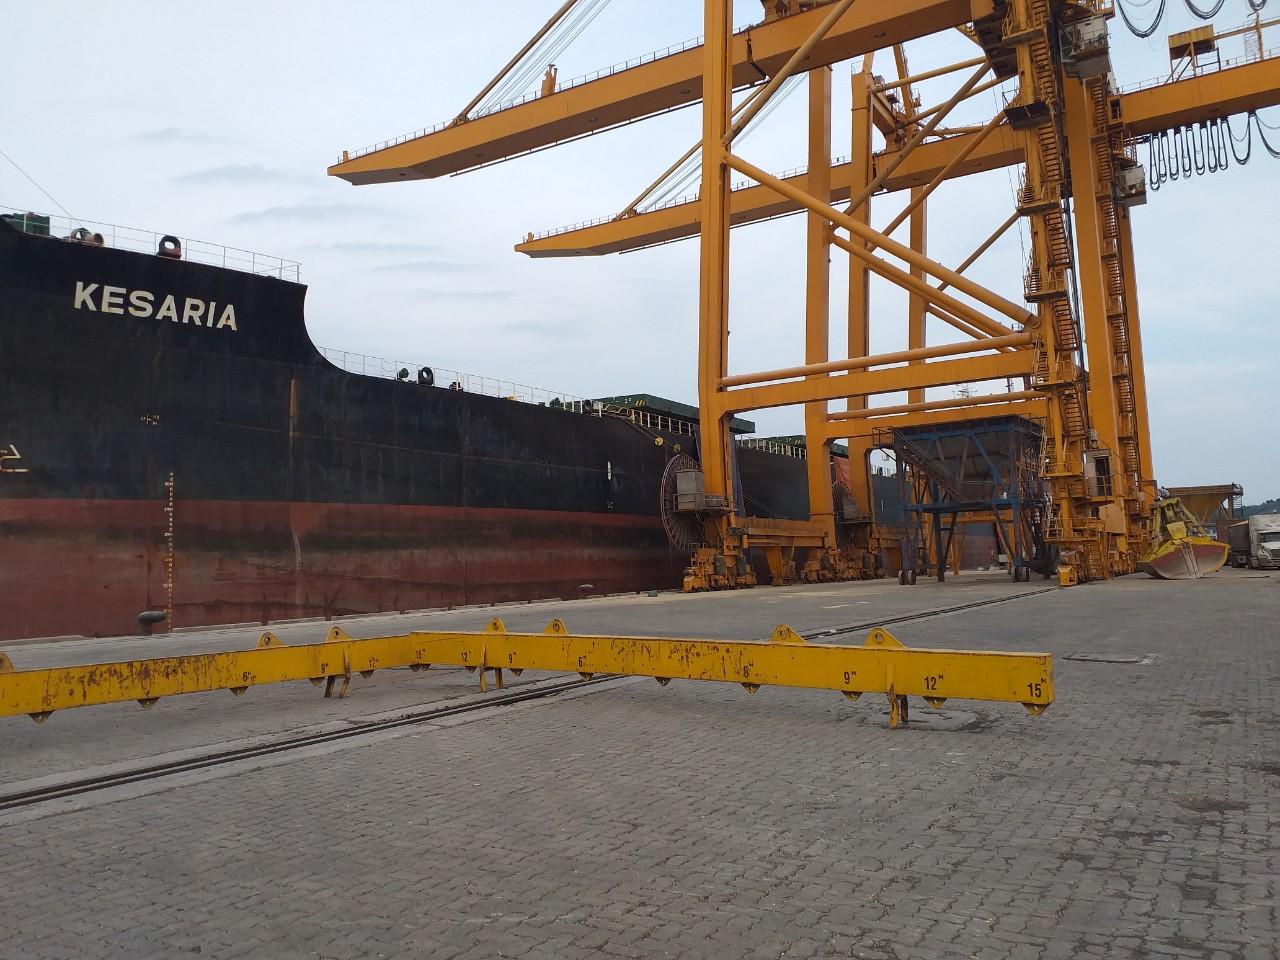 Tàu KESARIA khô đậu, đỗ tương cảng Cái Lân